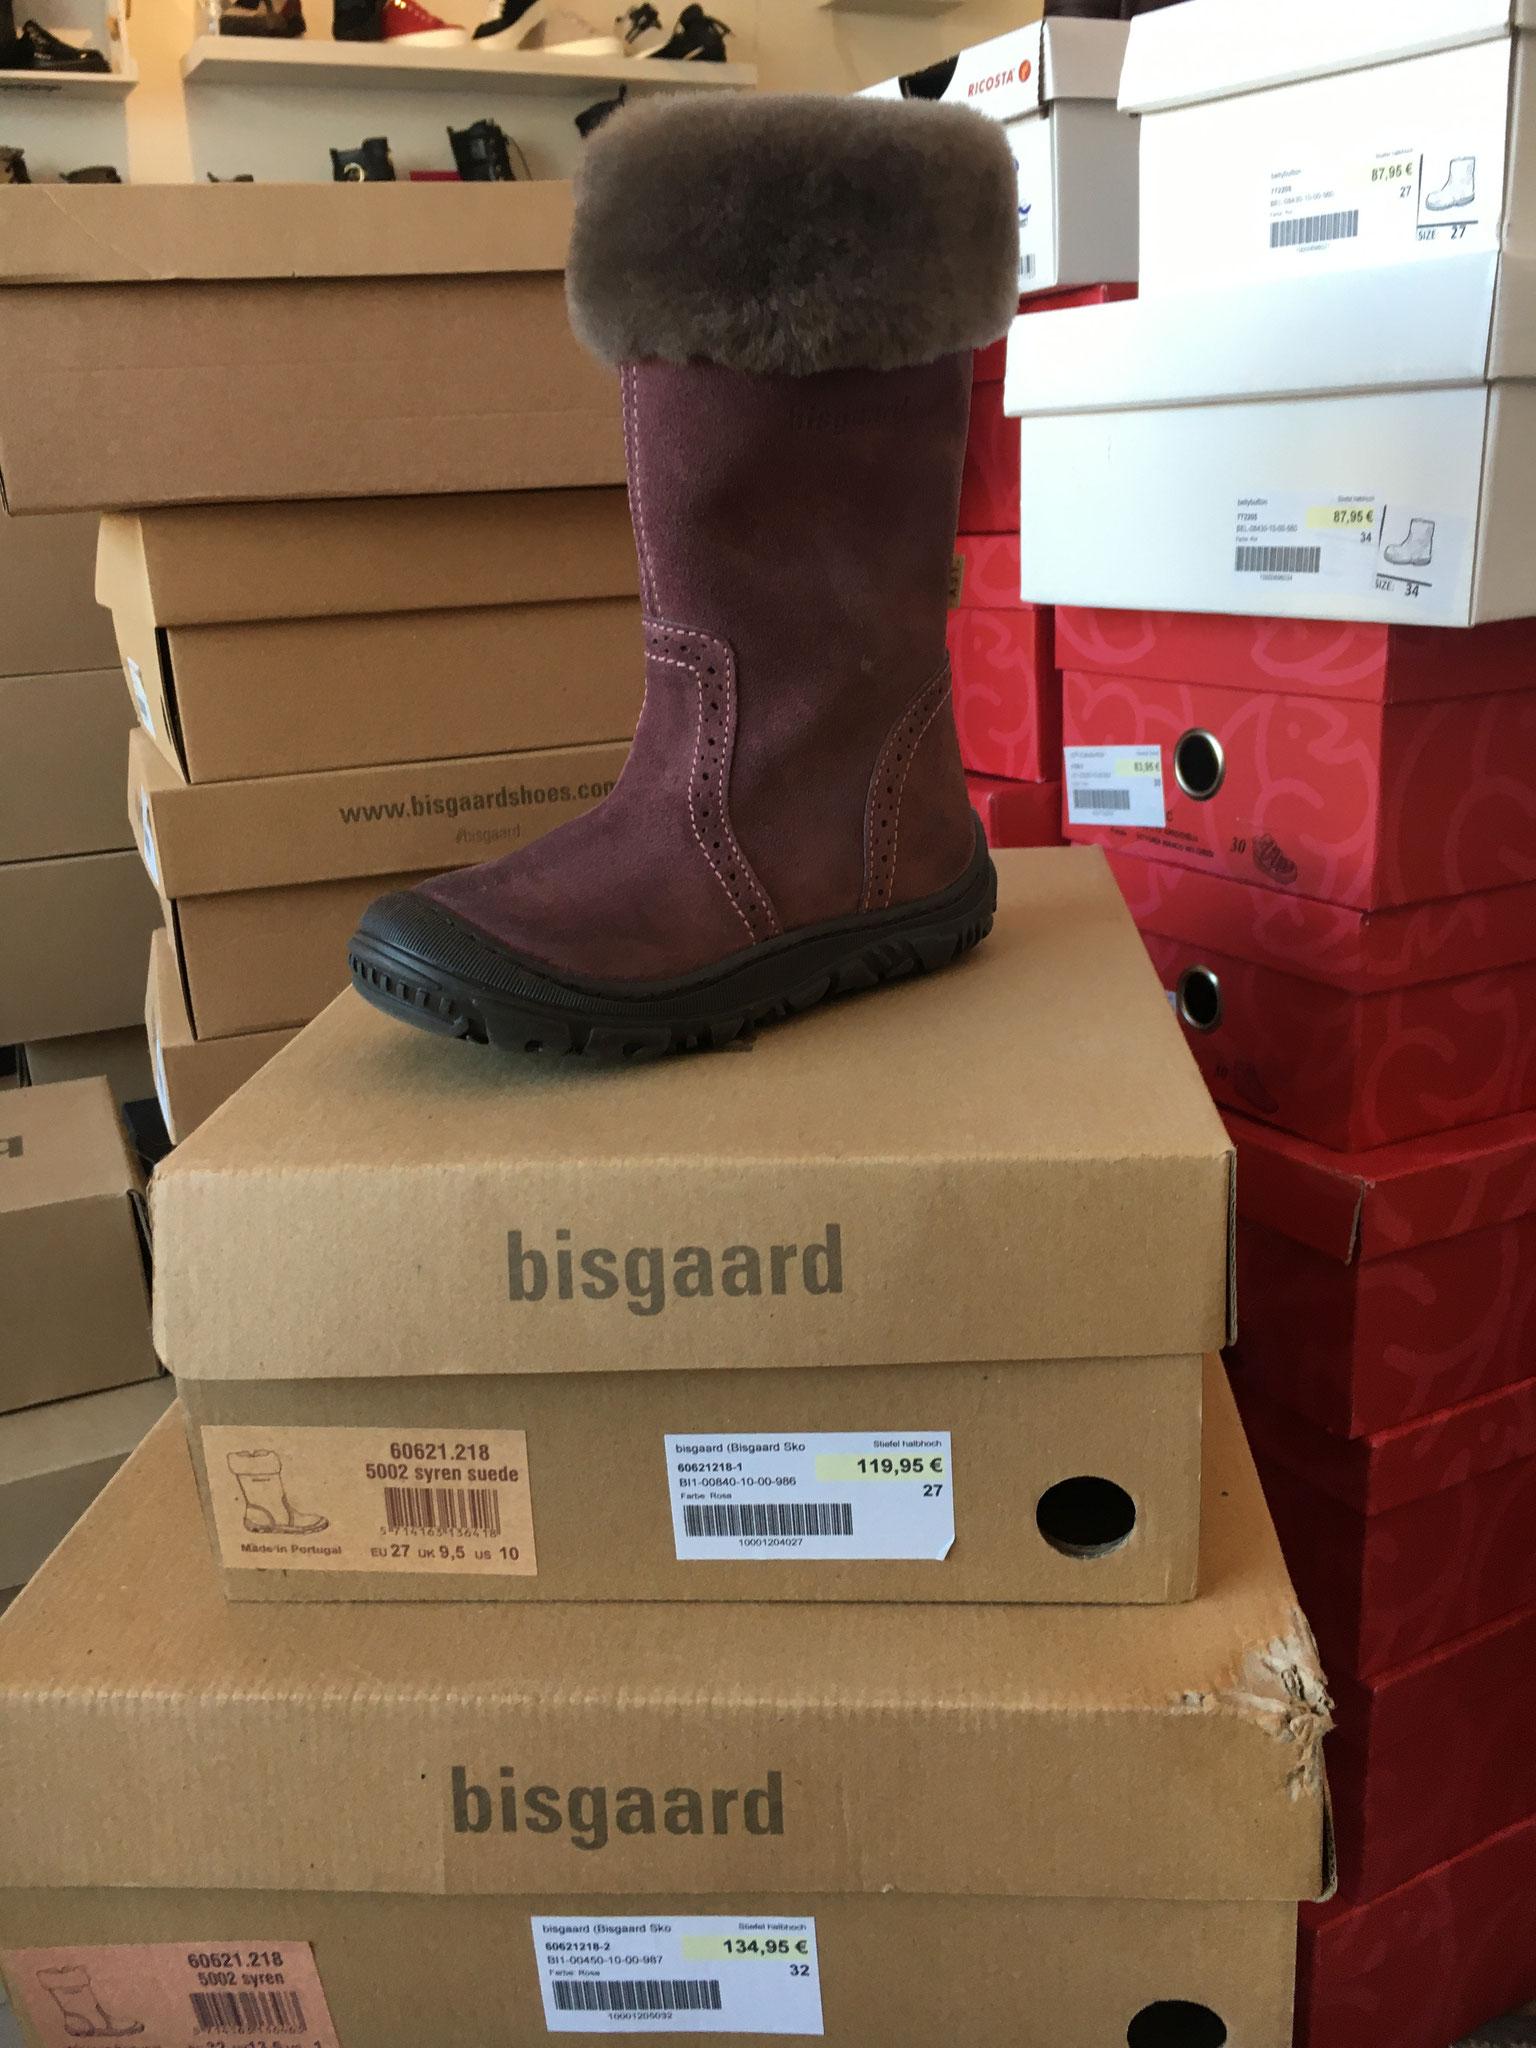 bisgaard - Größe 27/32 - jetzt 64,90 €